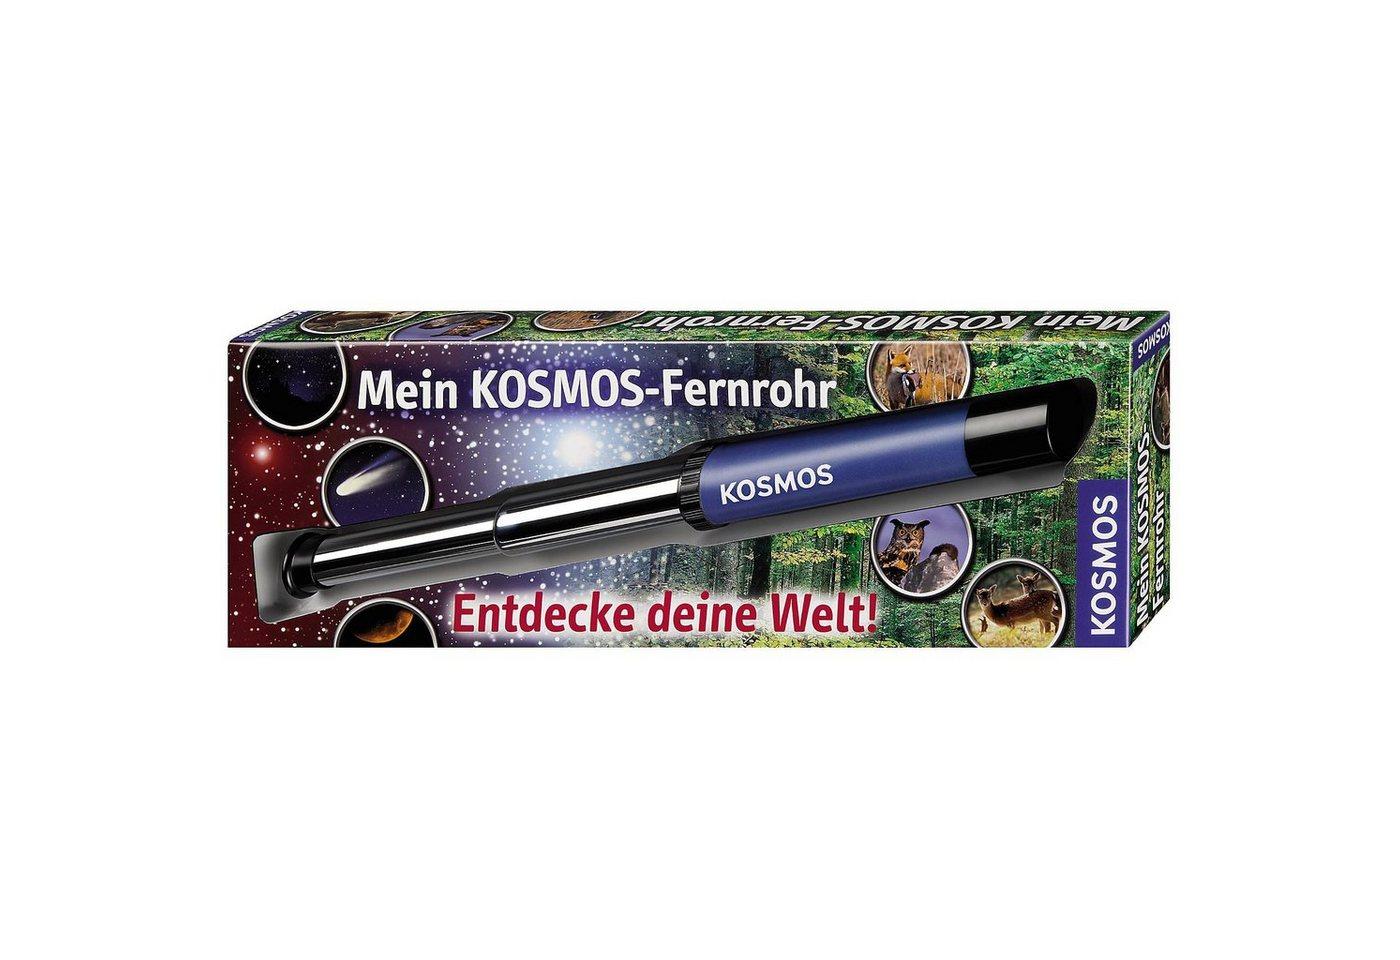 Image of Kosmos 676919 - Mein Kosmos Fernrohr